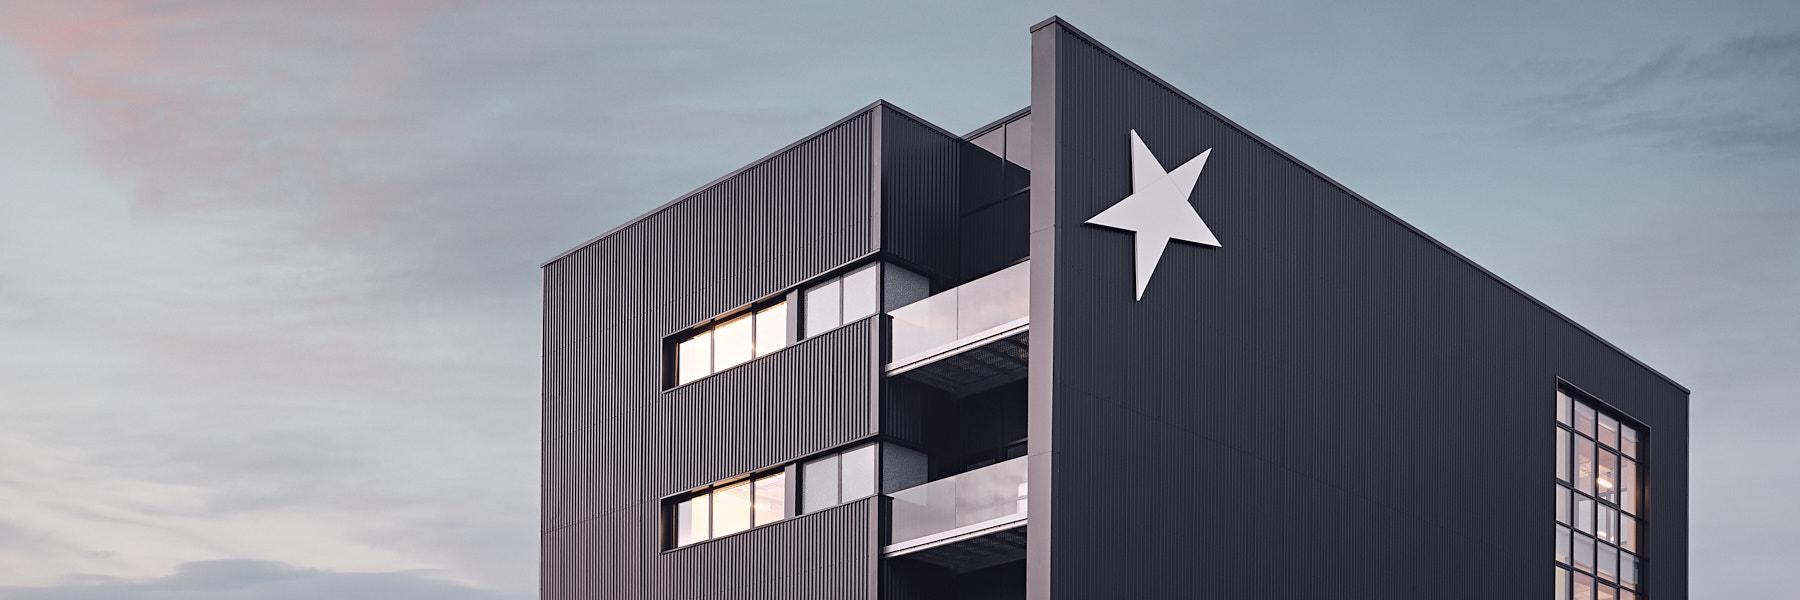 Extension datacenter Celeste à Champs sur Marne par Enia architectes